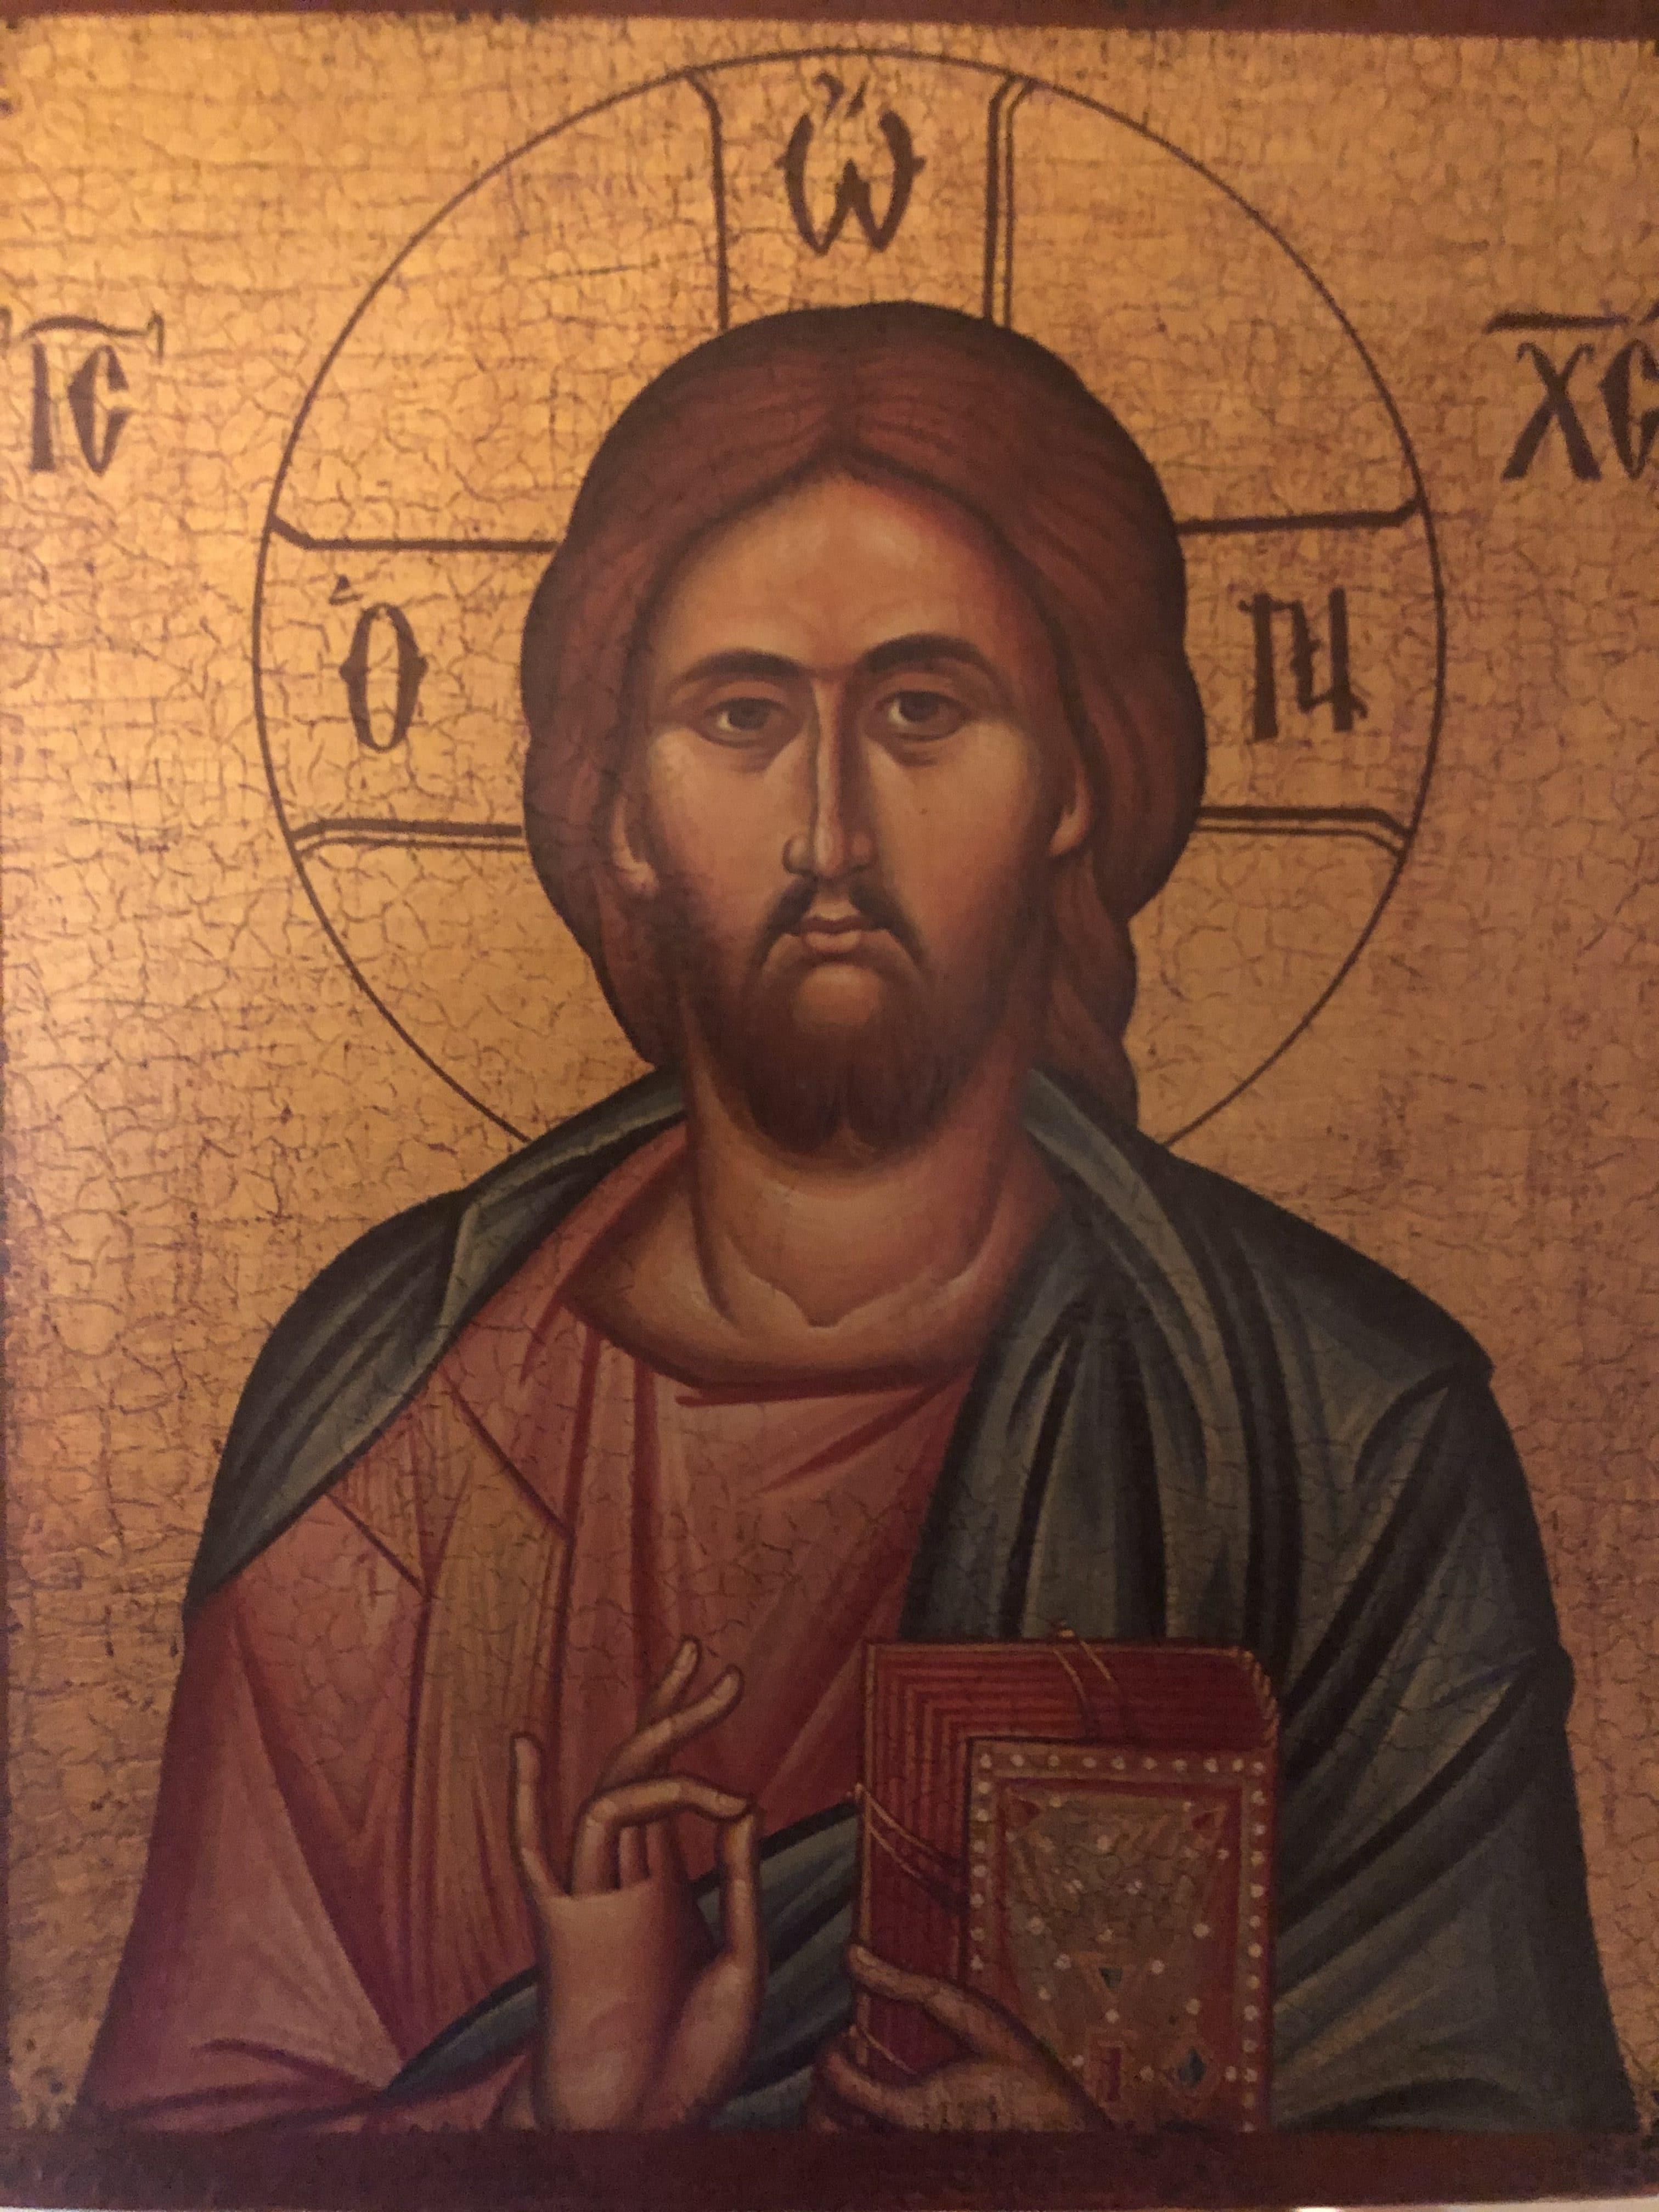 La compasión en las tres grandes religiones monoteístas